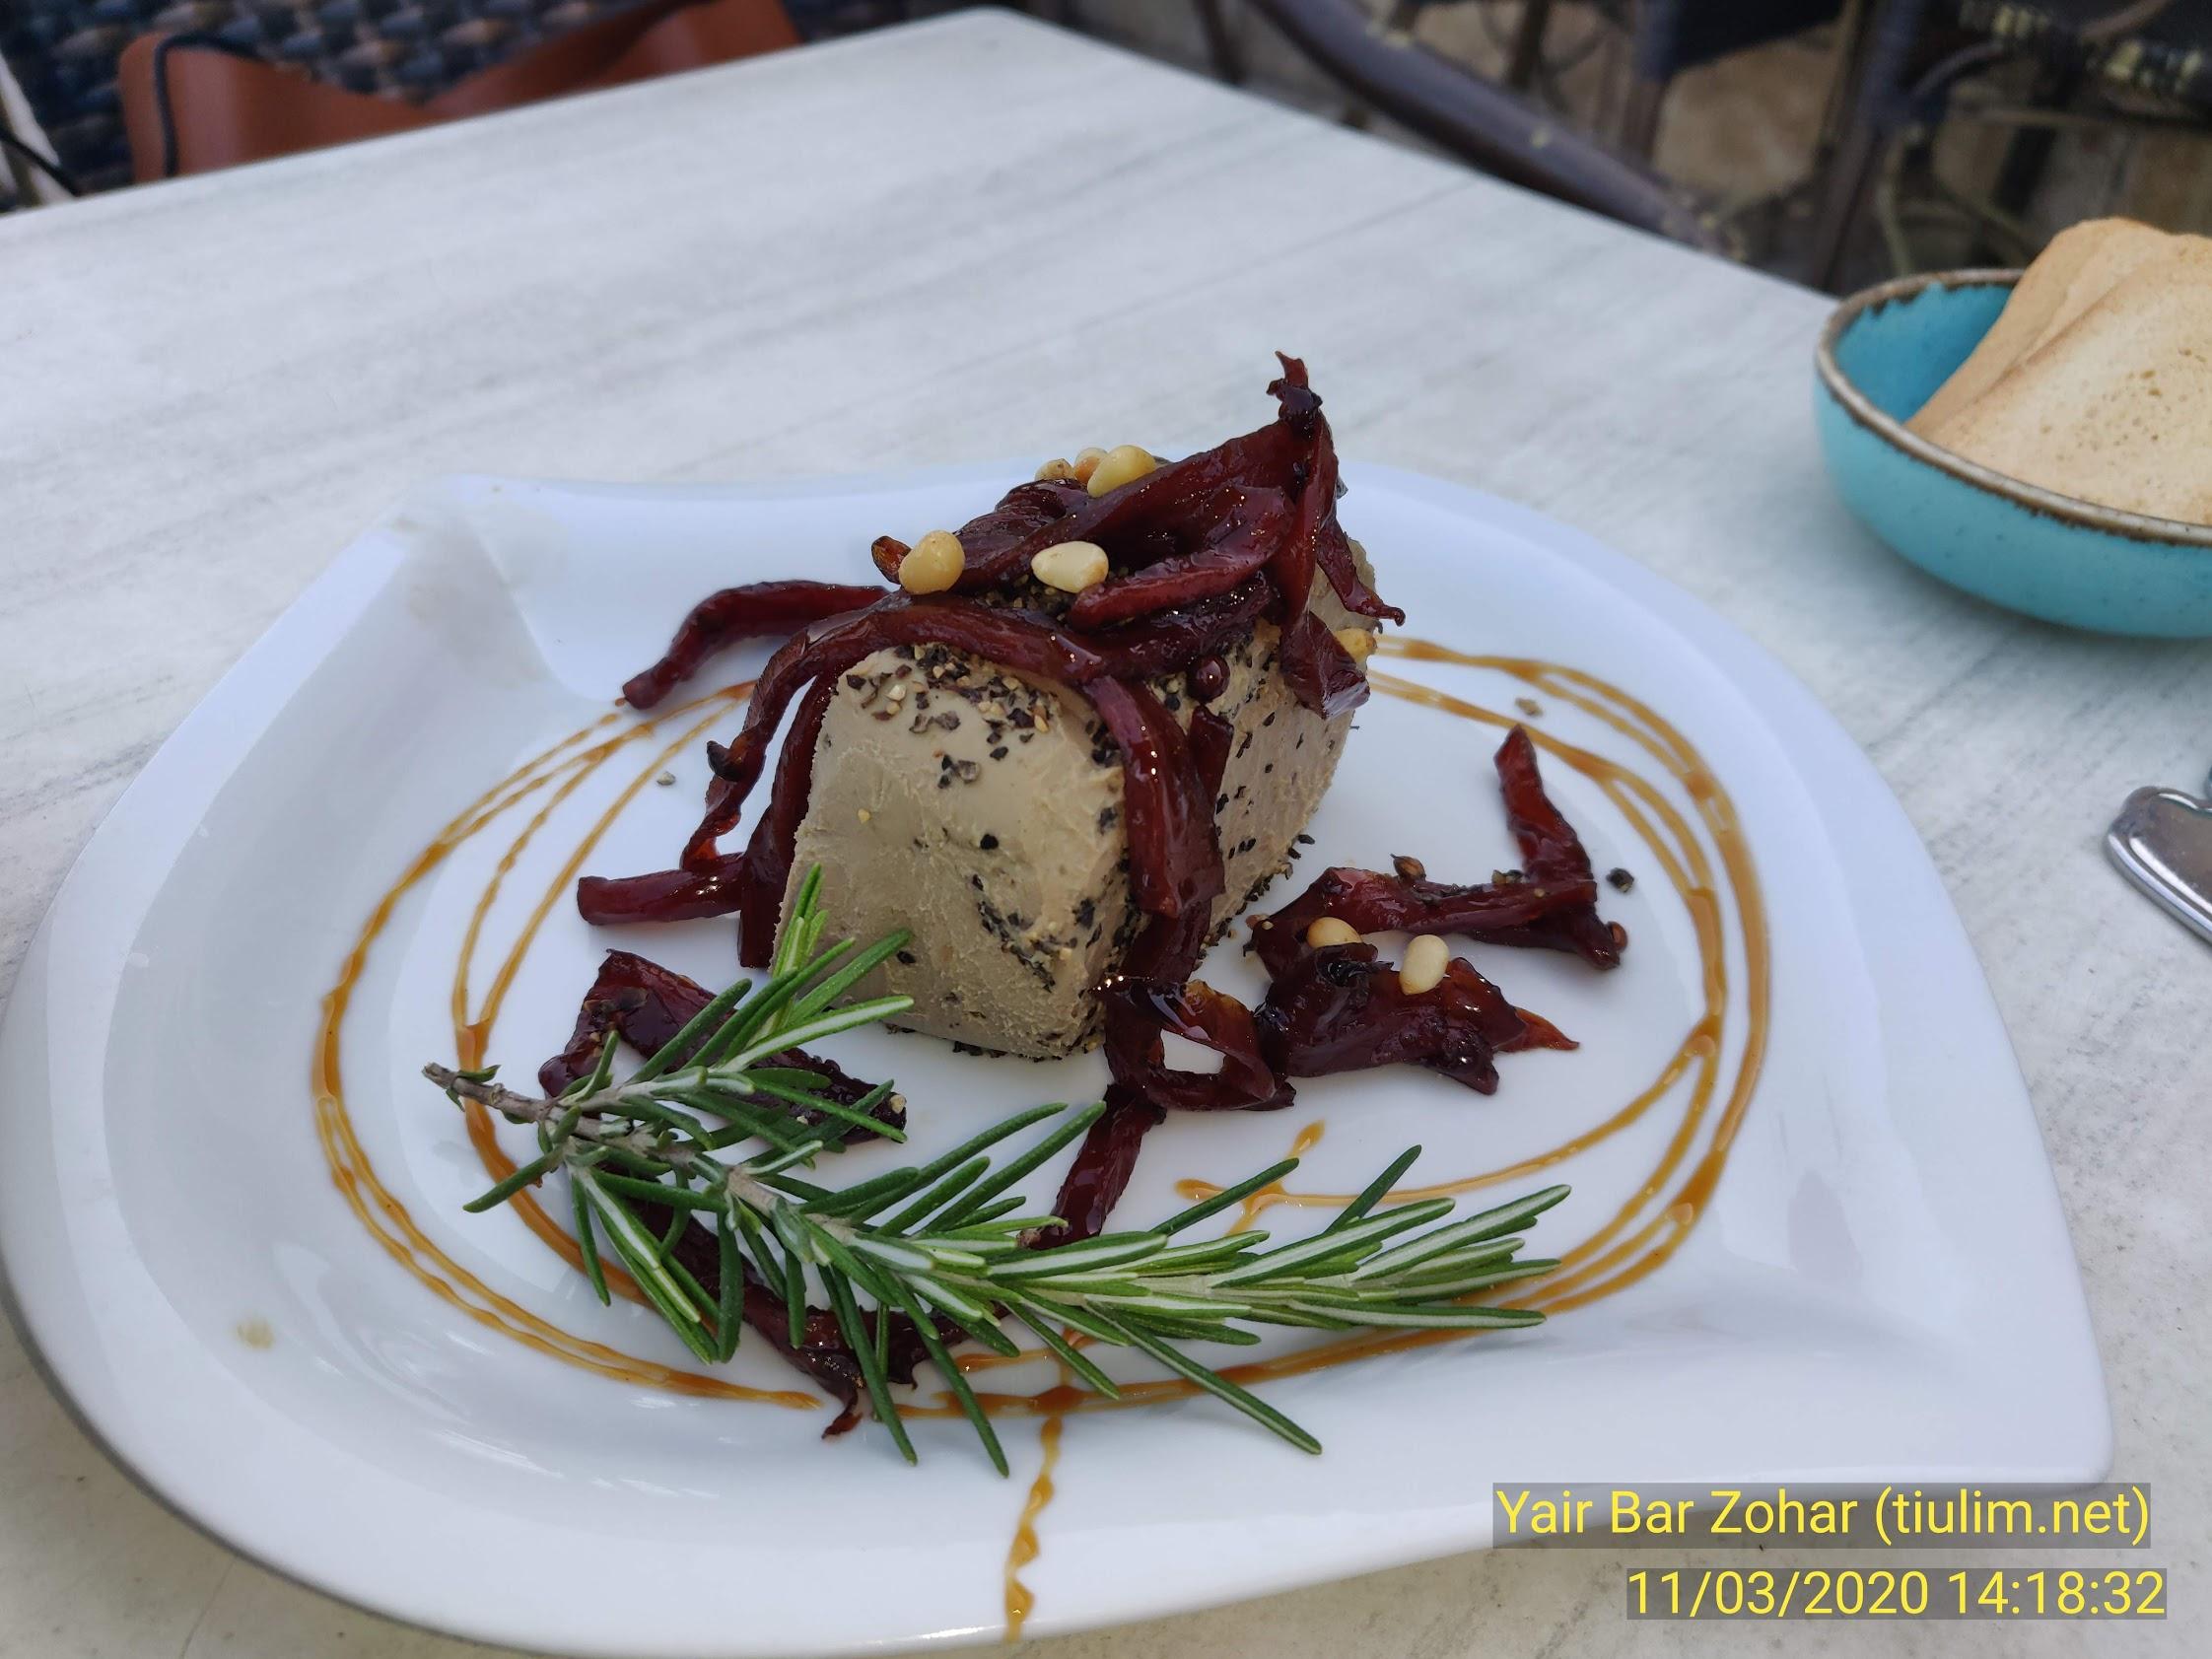 מסעדת קימל בגלבוע. הנאה מושלמת מהארוחה והשרות